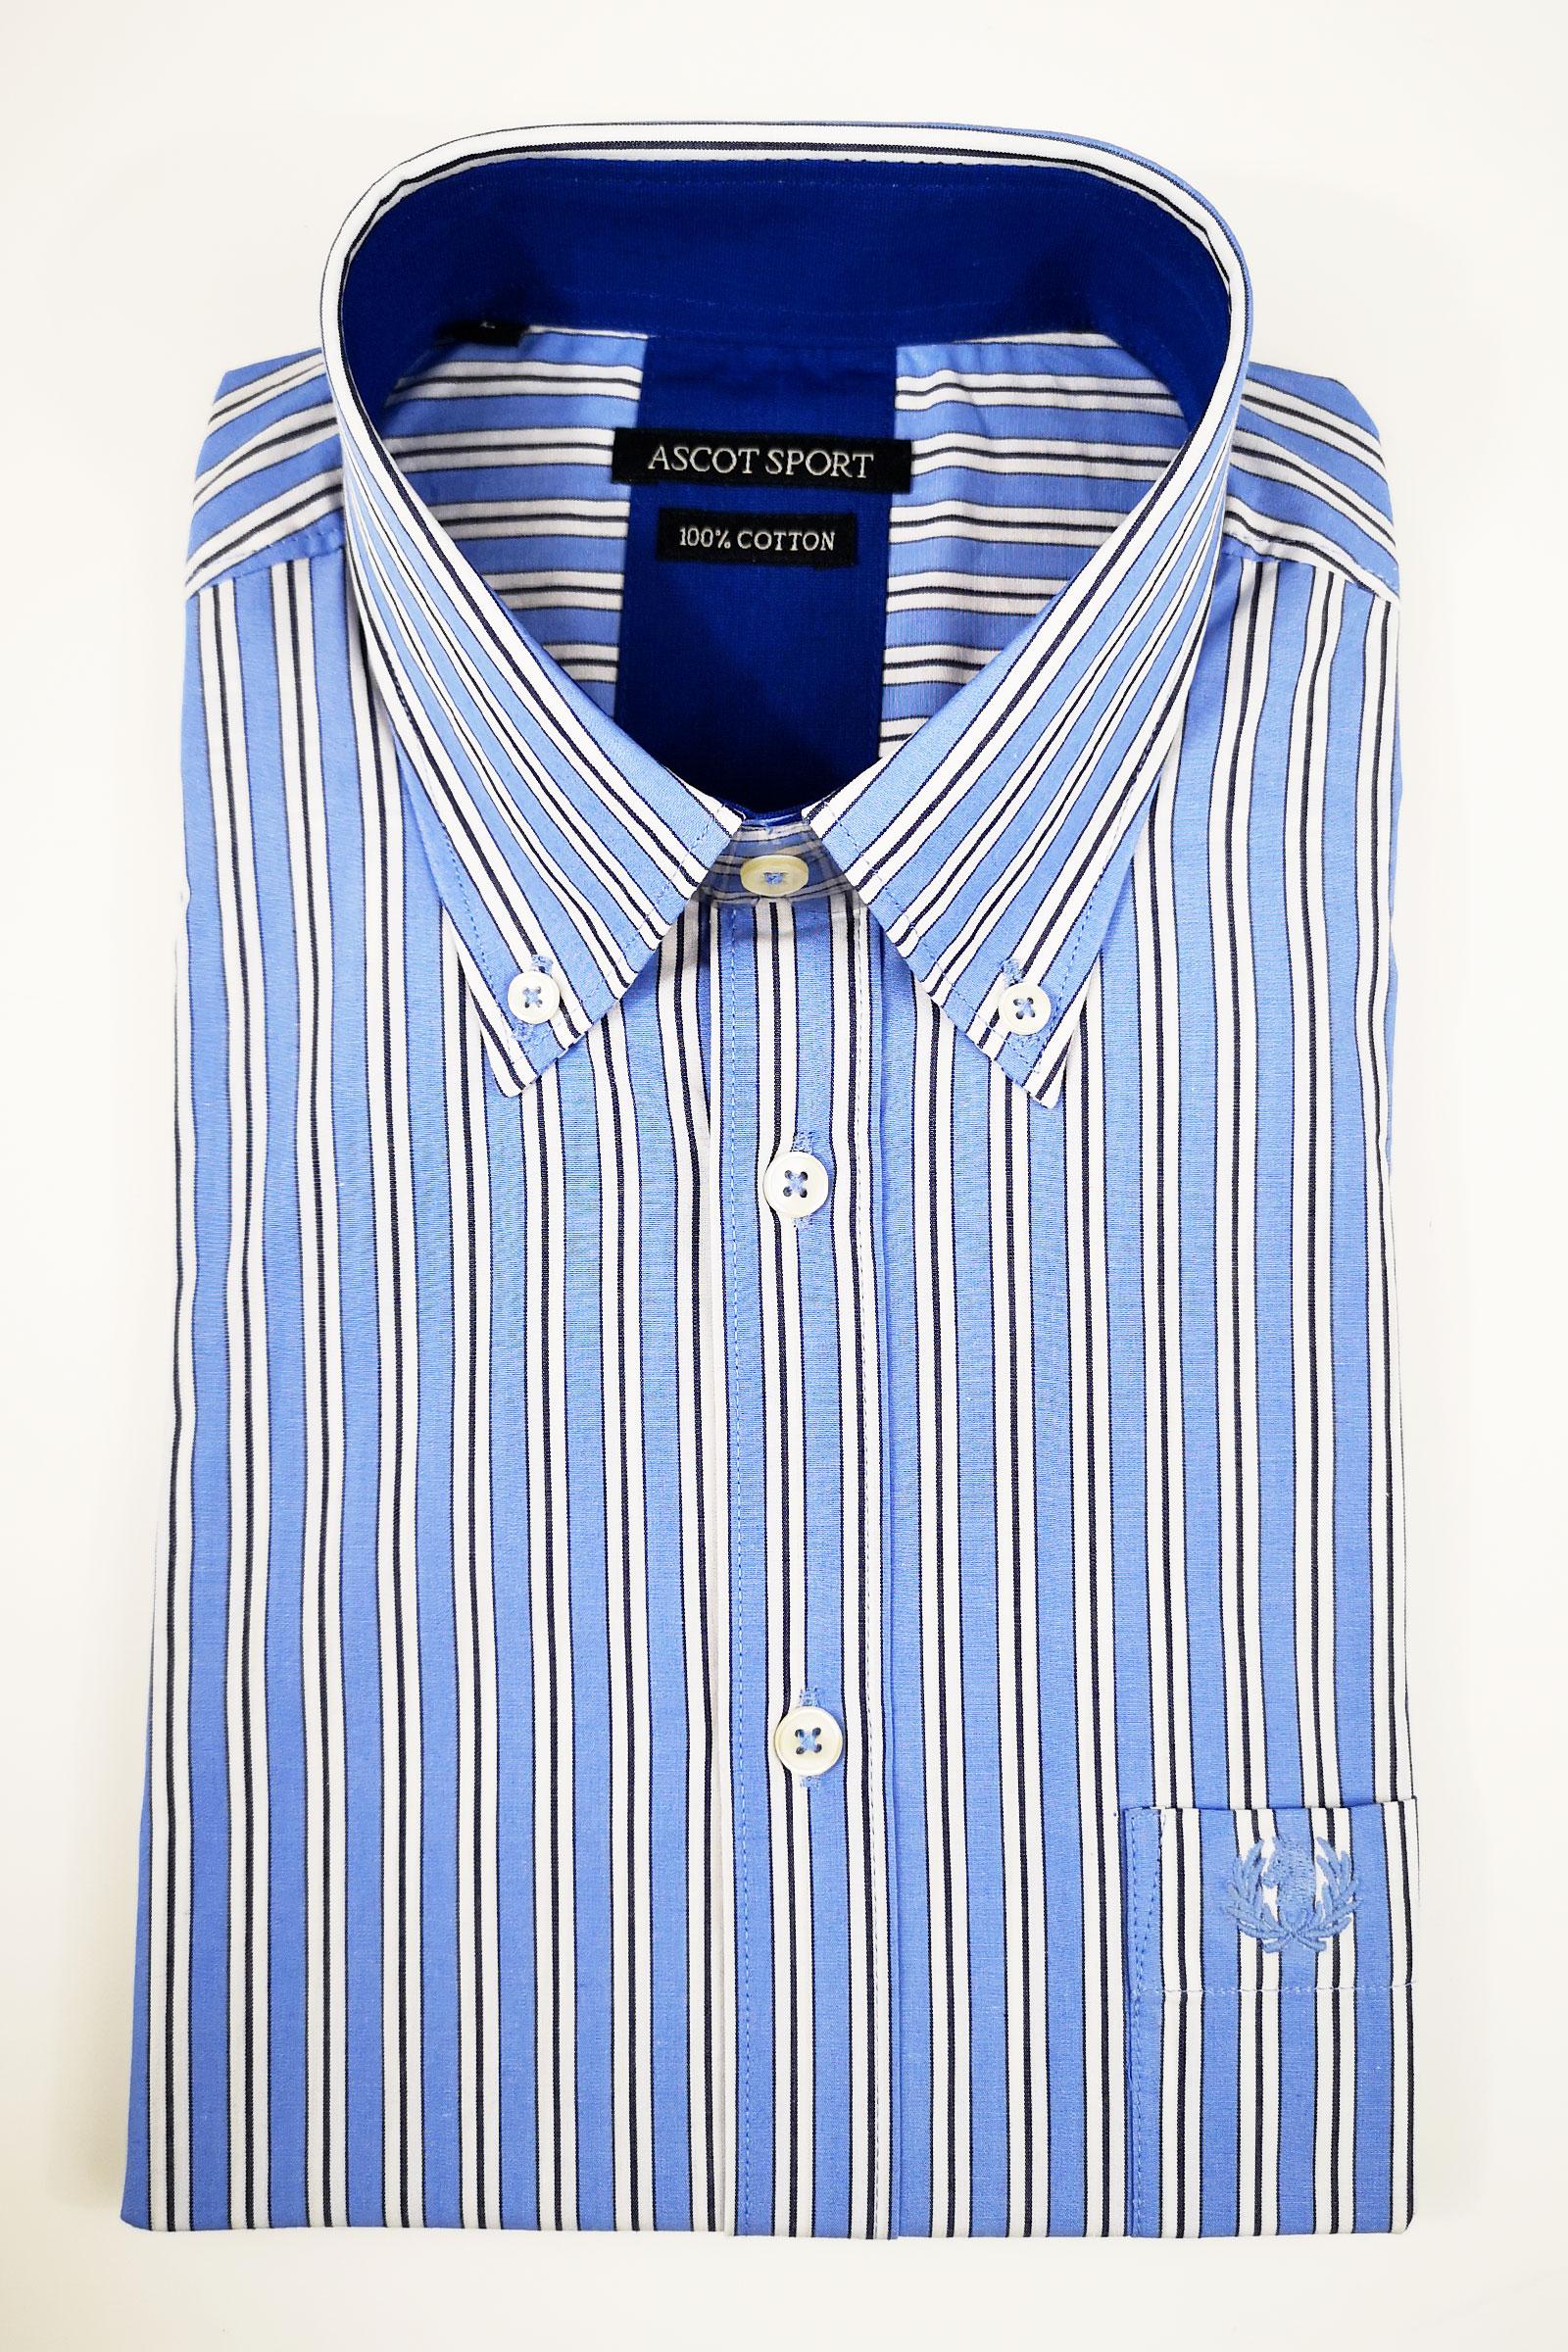 ASCOT Men's shirt ASCOT | Shirt | ST15773-20416